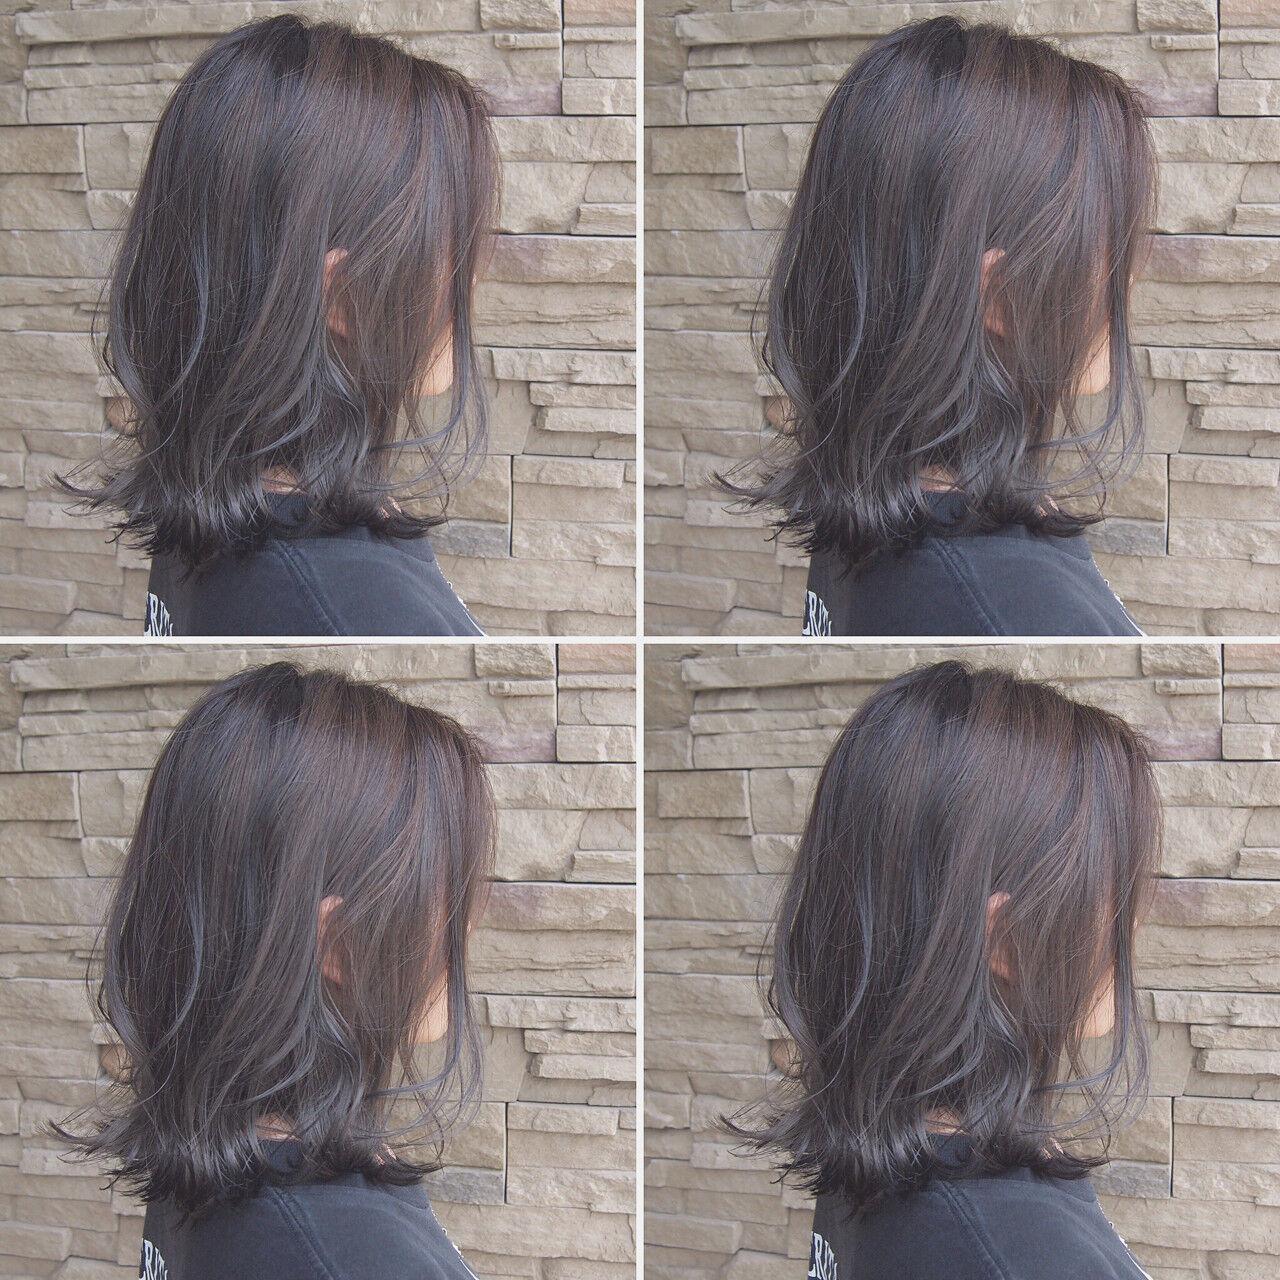 大人かわいい ボブ デート ハイライトヘアスタイルや髪型の写真・画像